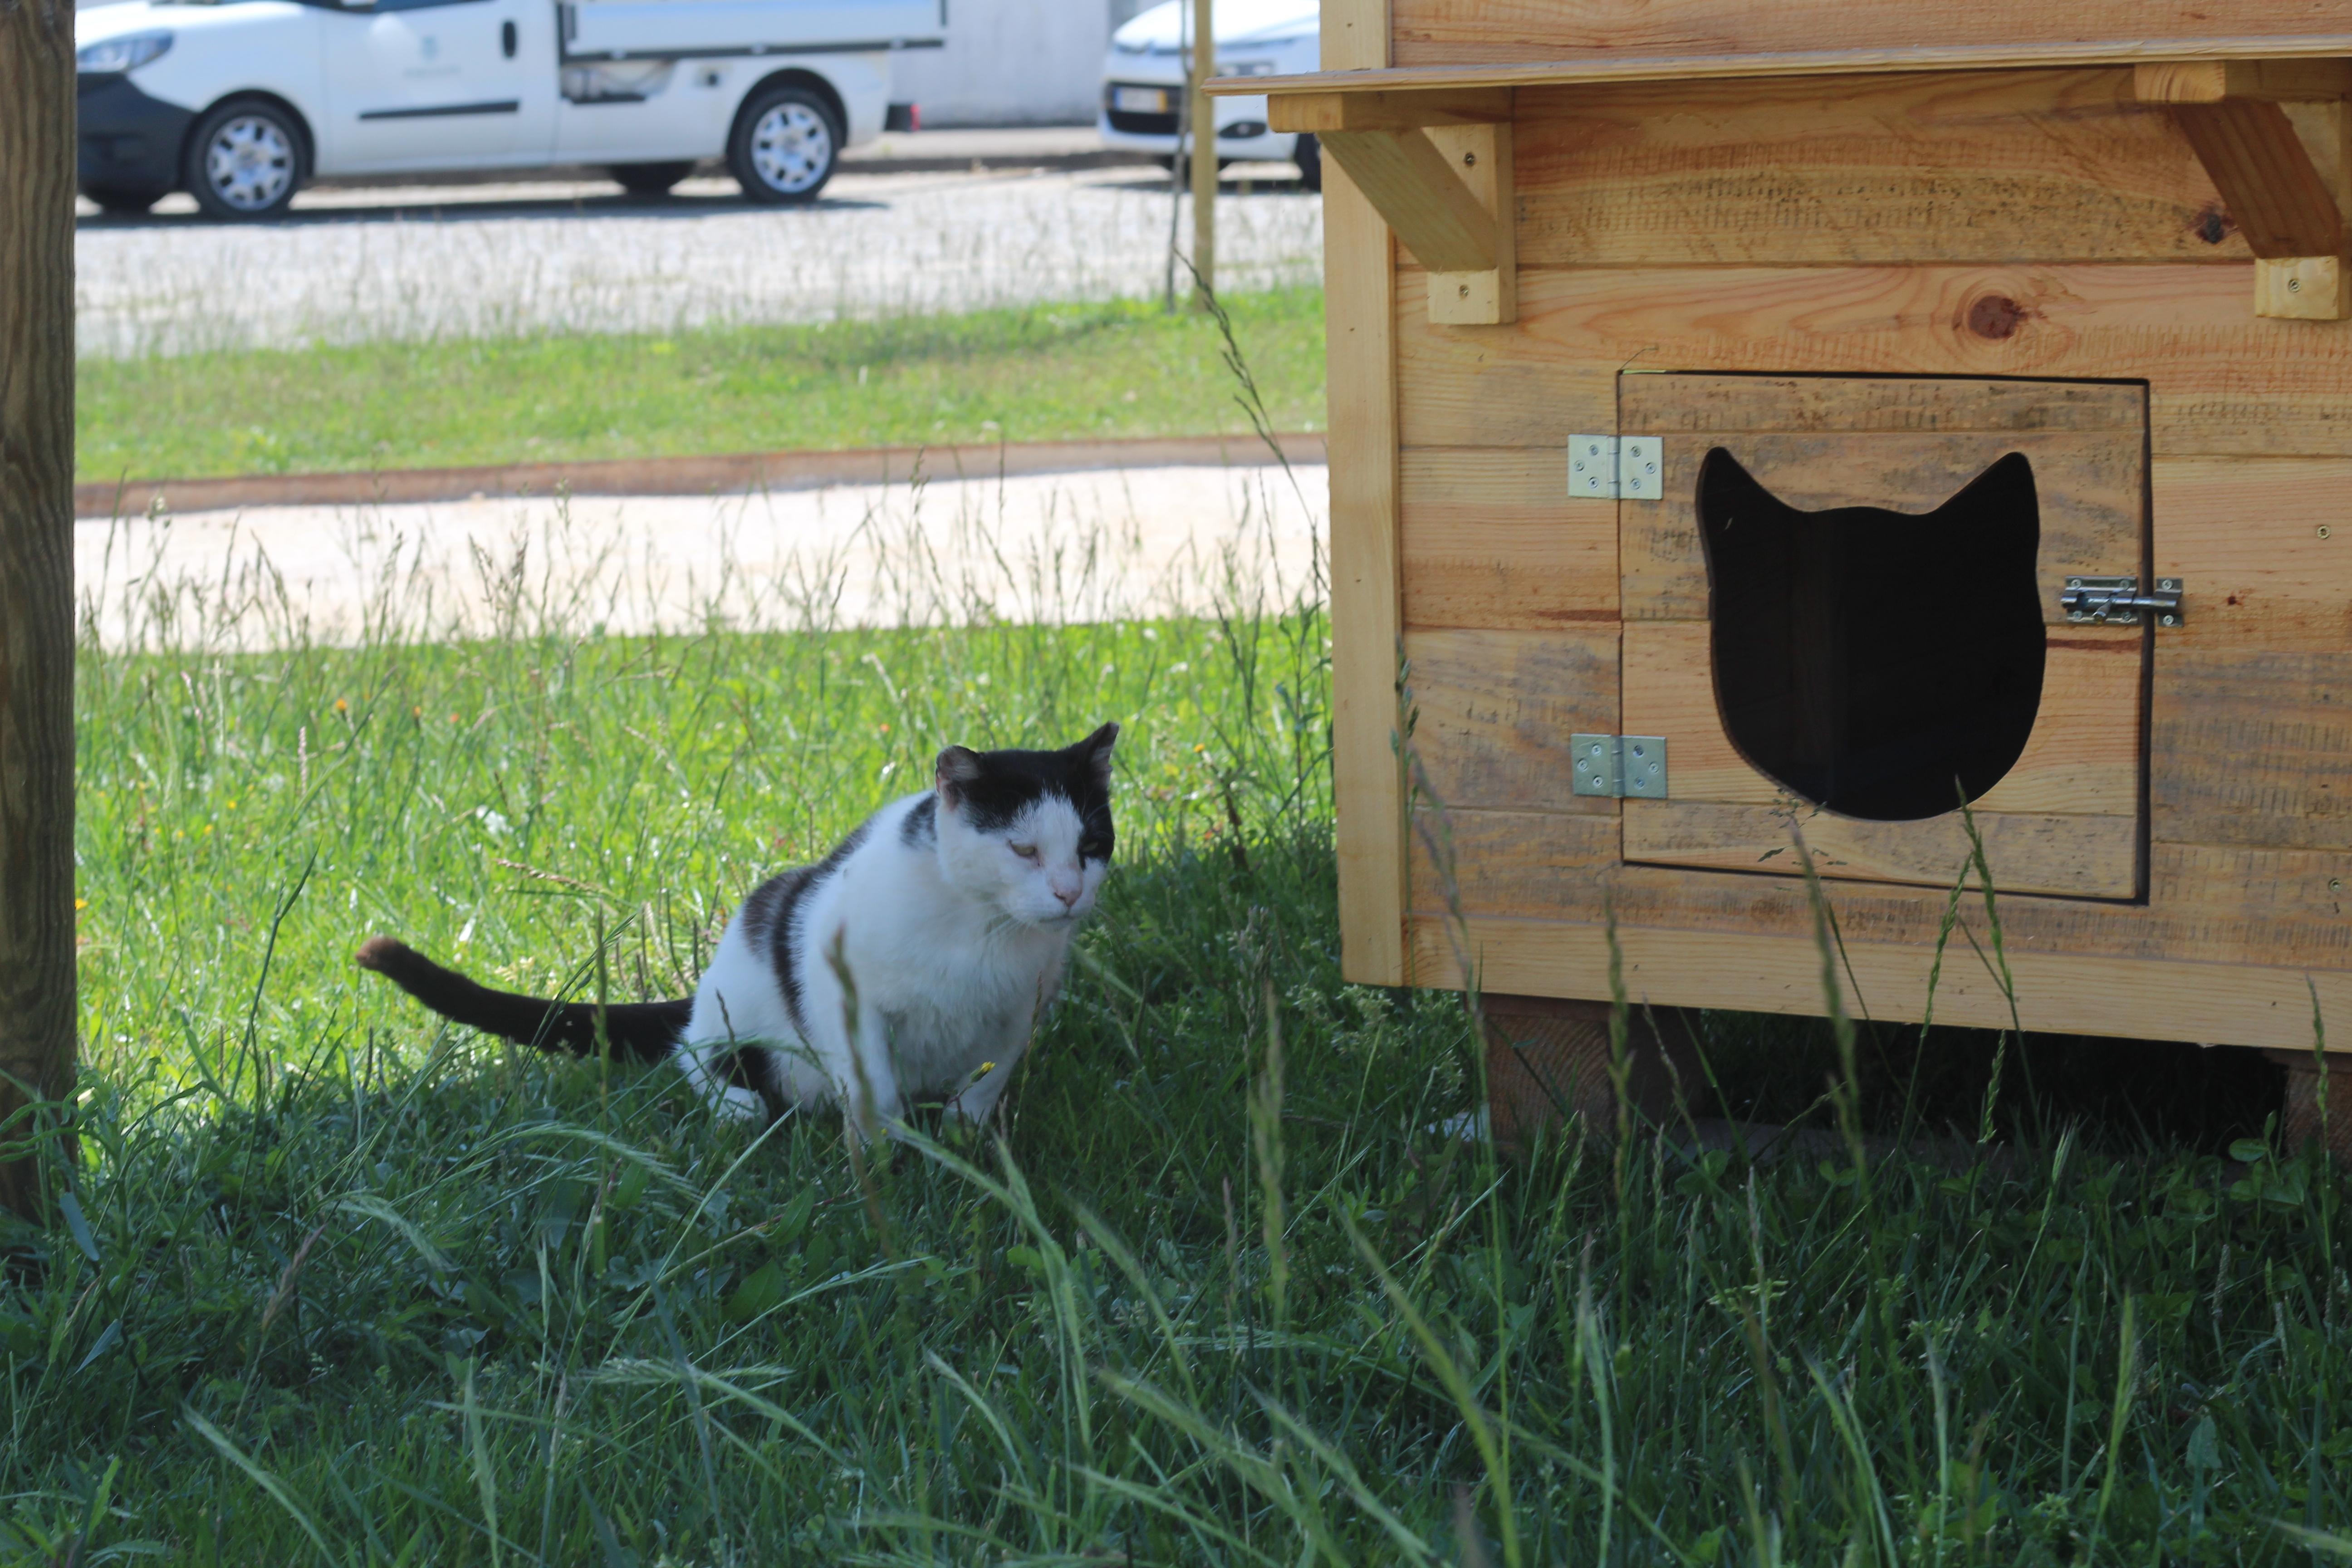 Município de Barcelos cria dois novos abrigos para controlar colónias de gatos